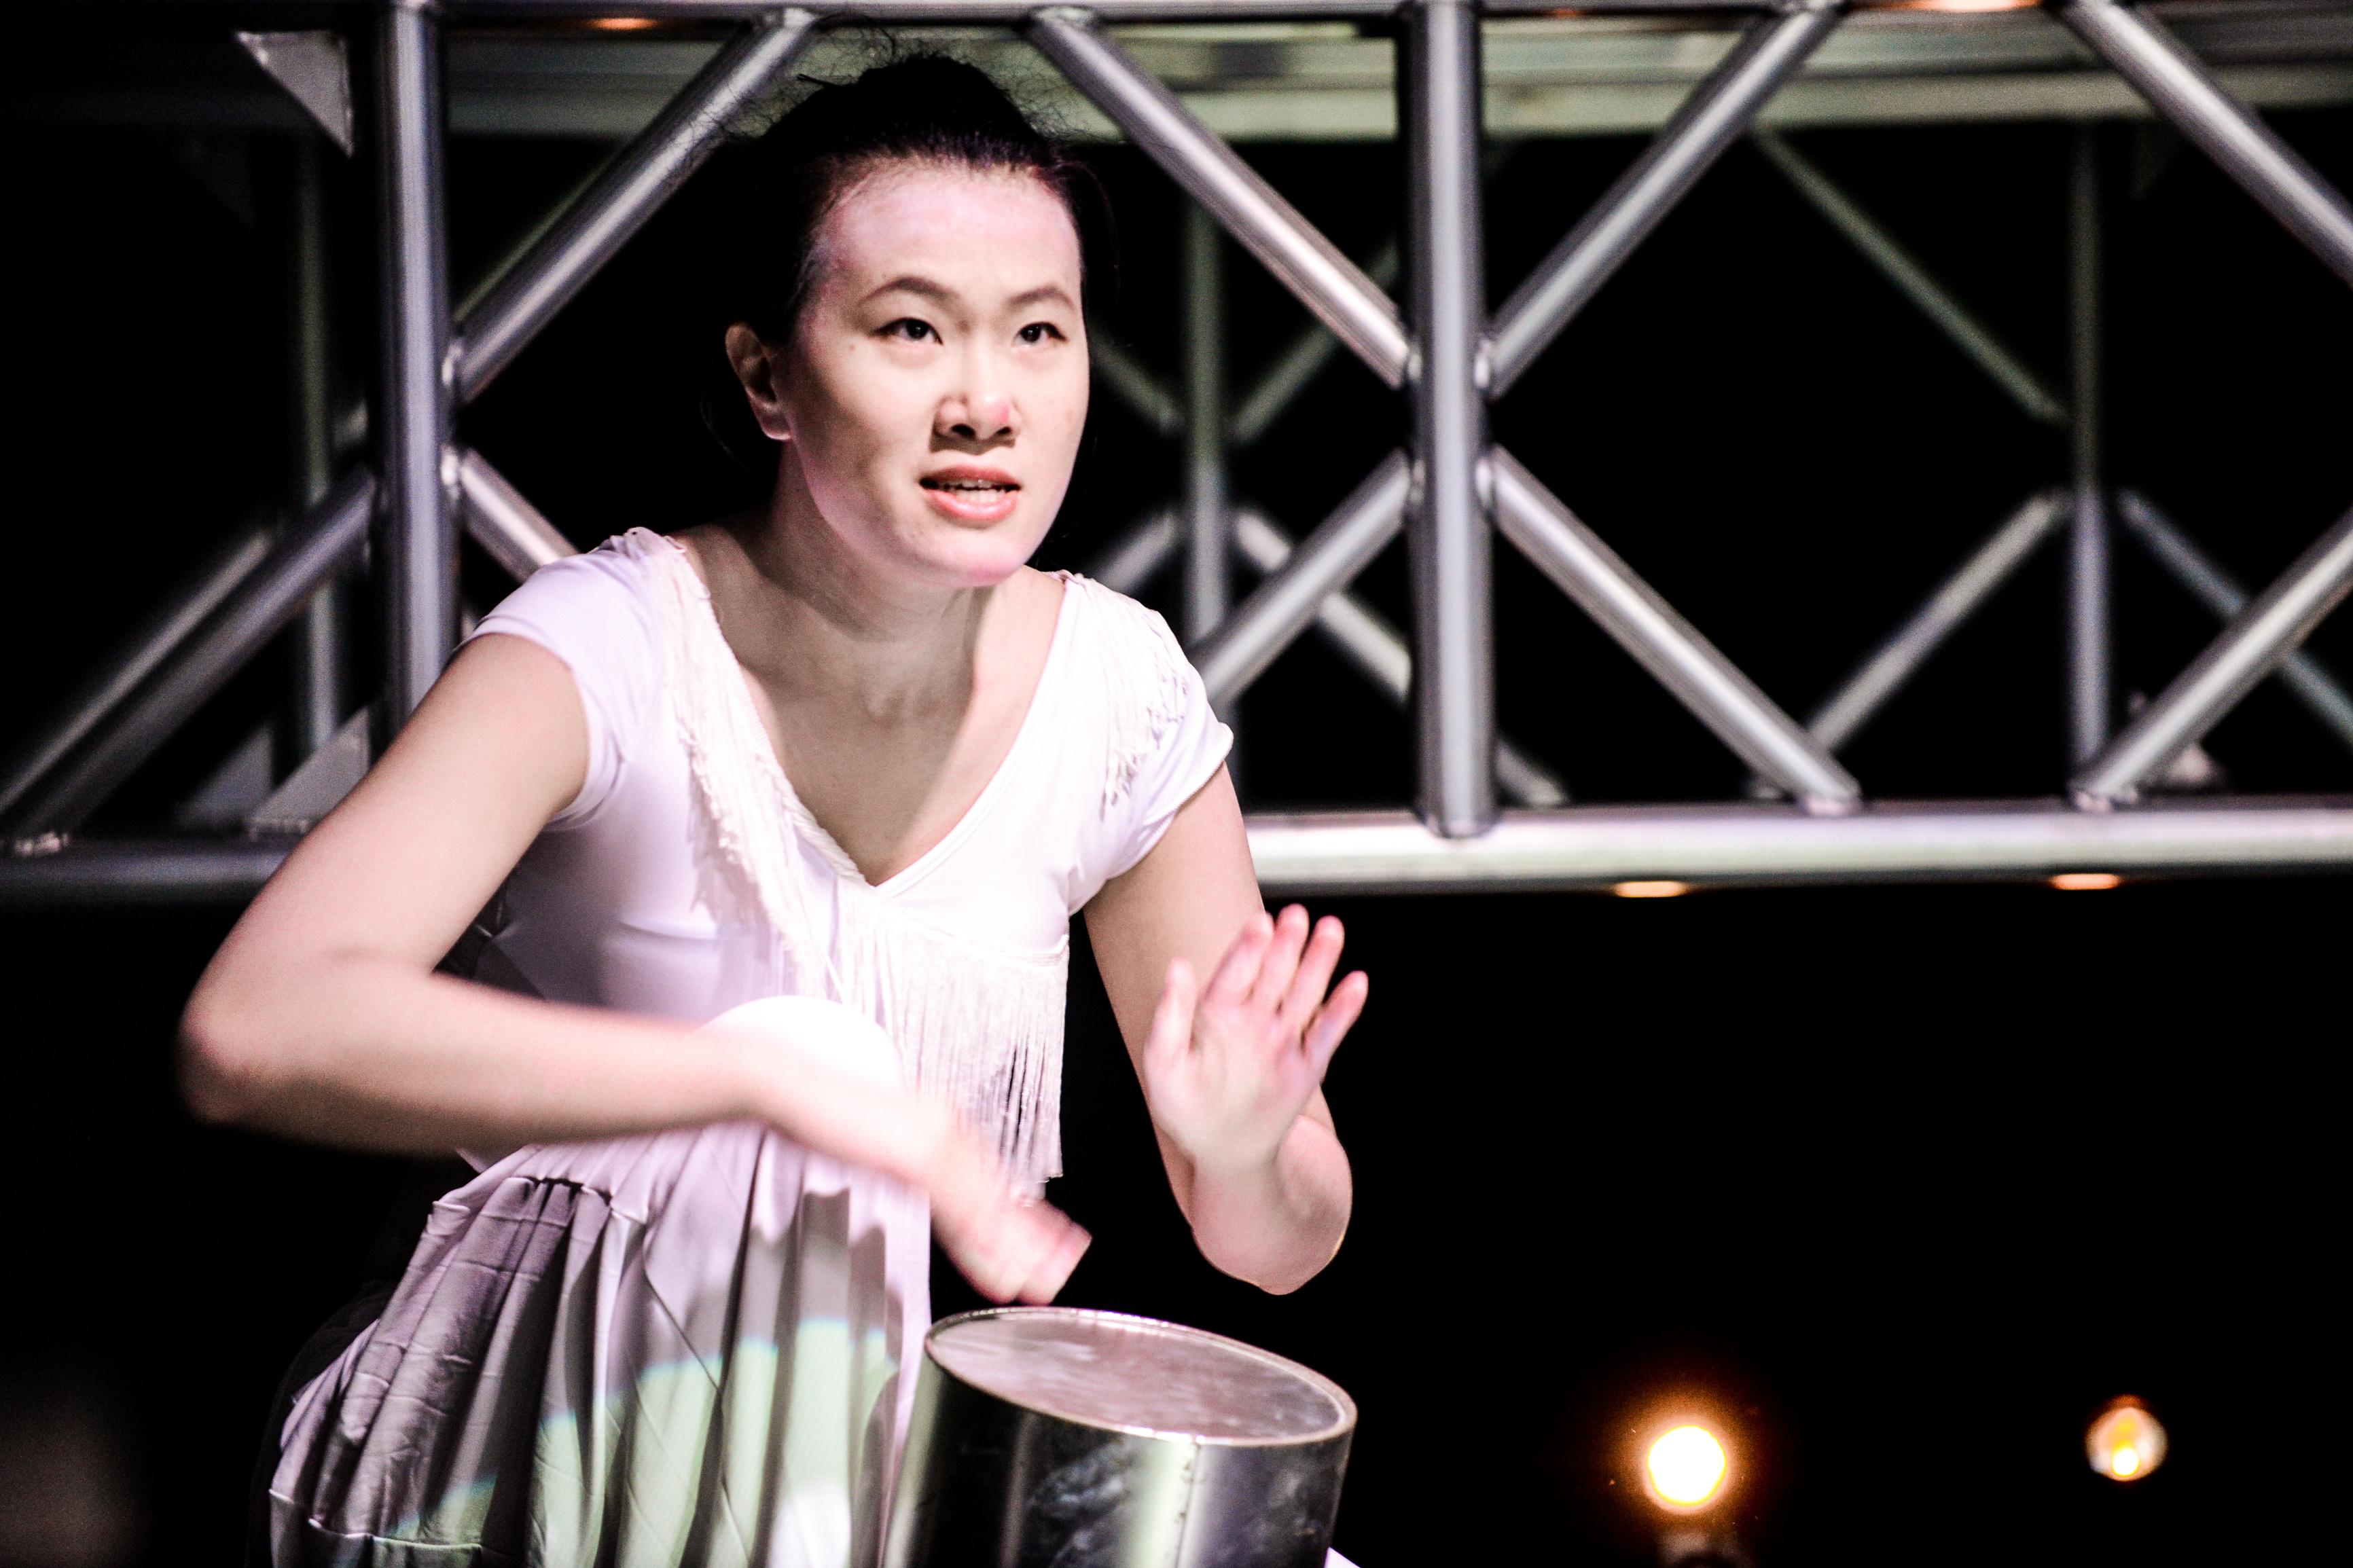 《行為淪喪》/人物:李婉晶/類別:演出、《行為淪喪》/攝影:Fung Wai Sun/(天台製作 • 香港專業劇團)